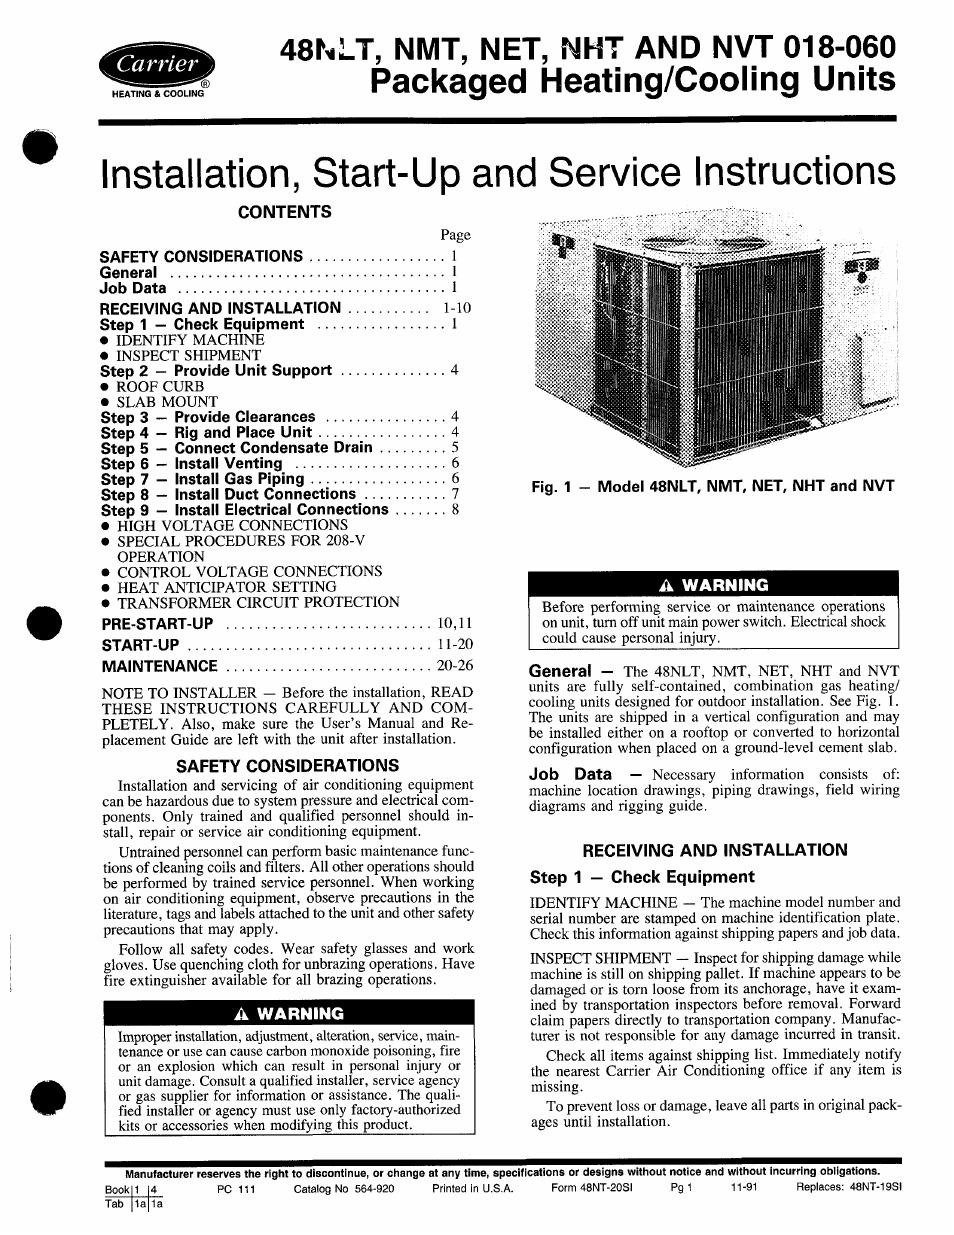 Carrier 48nlt User Manual